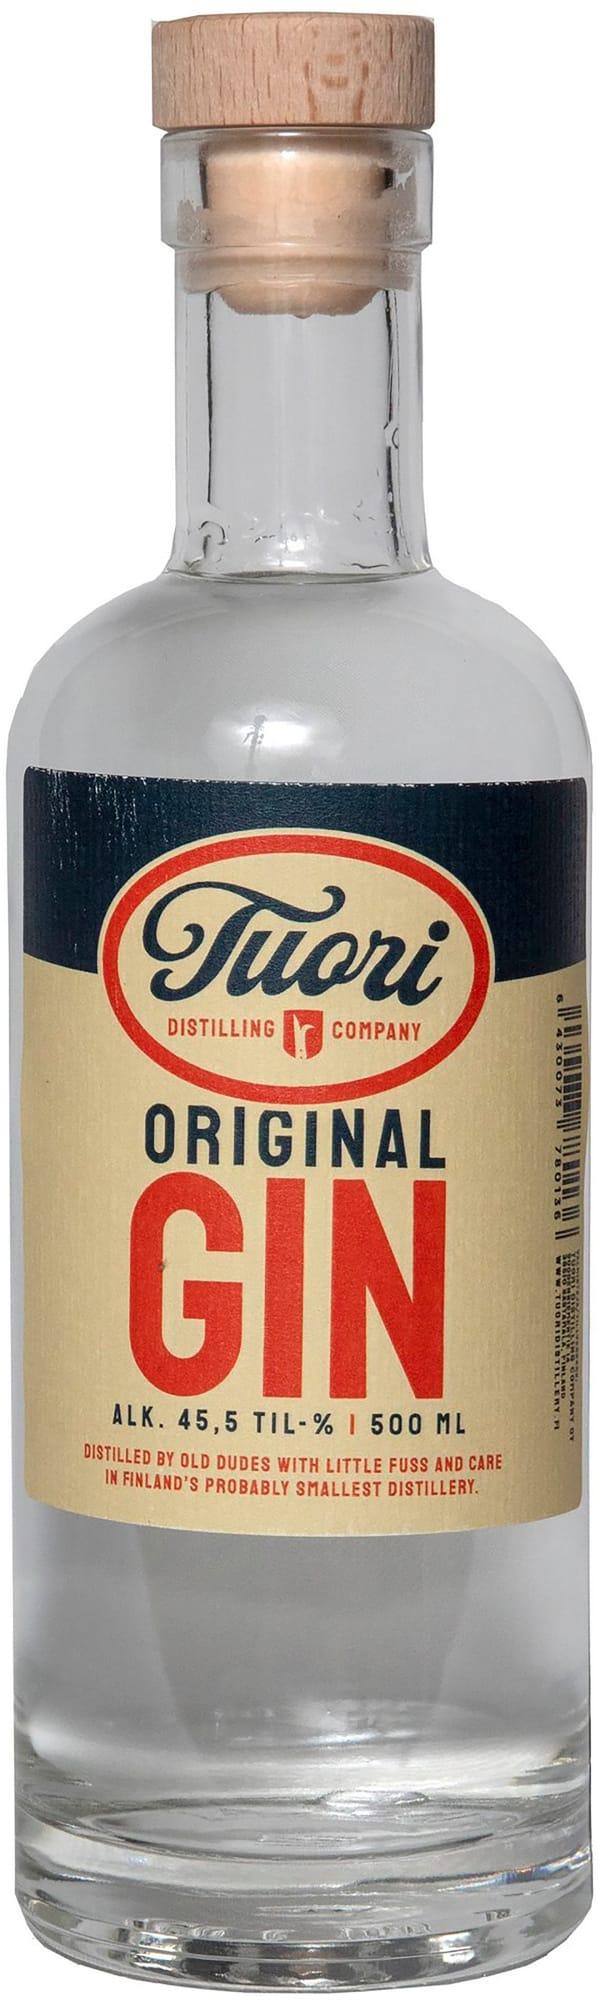 Tuori Gin